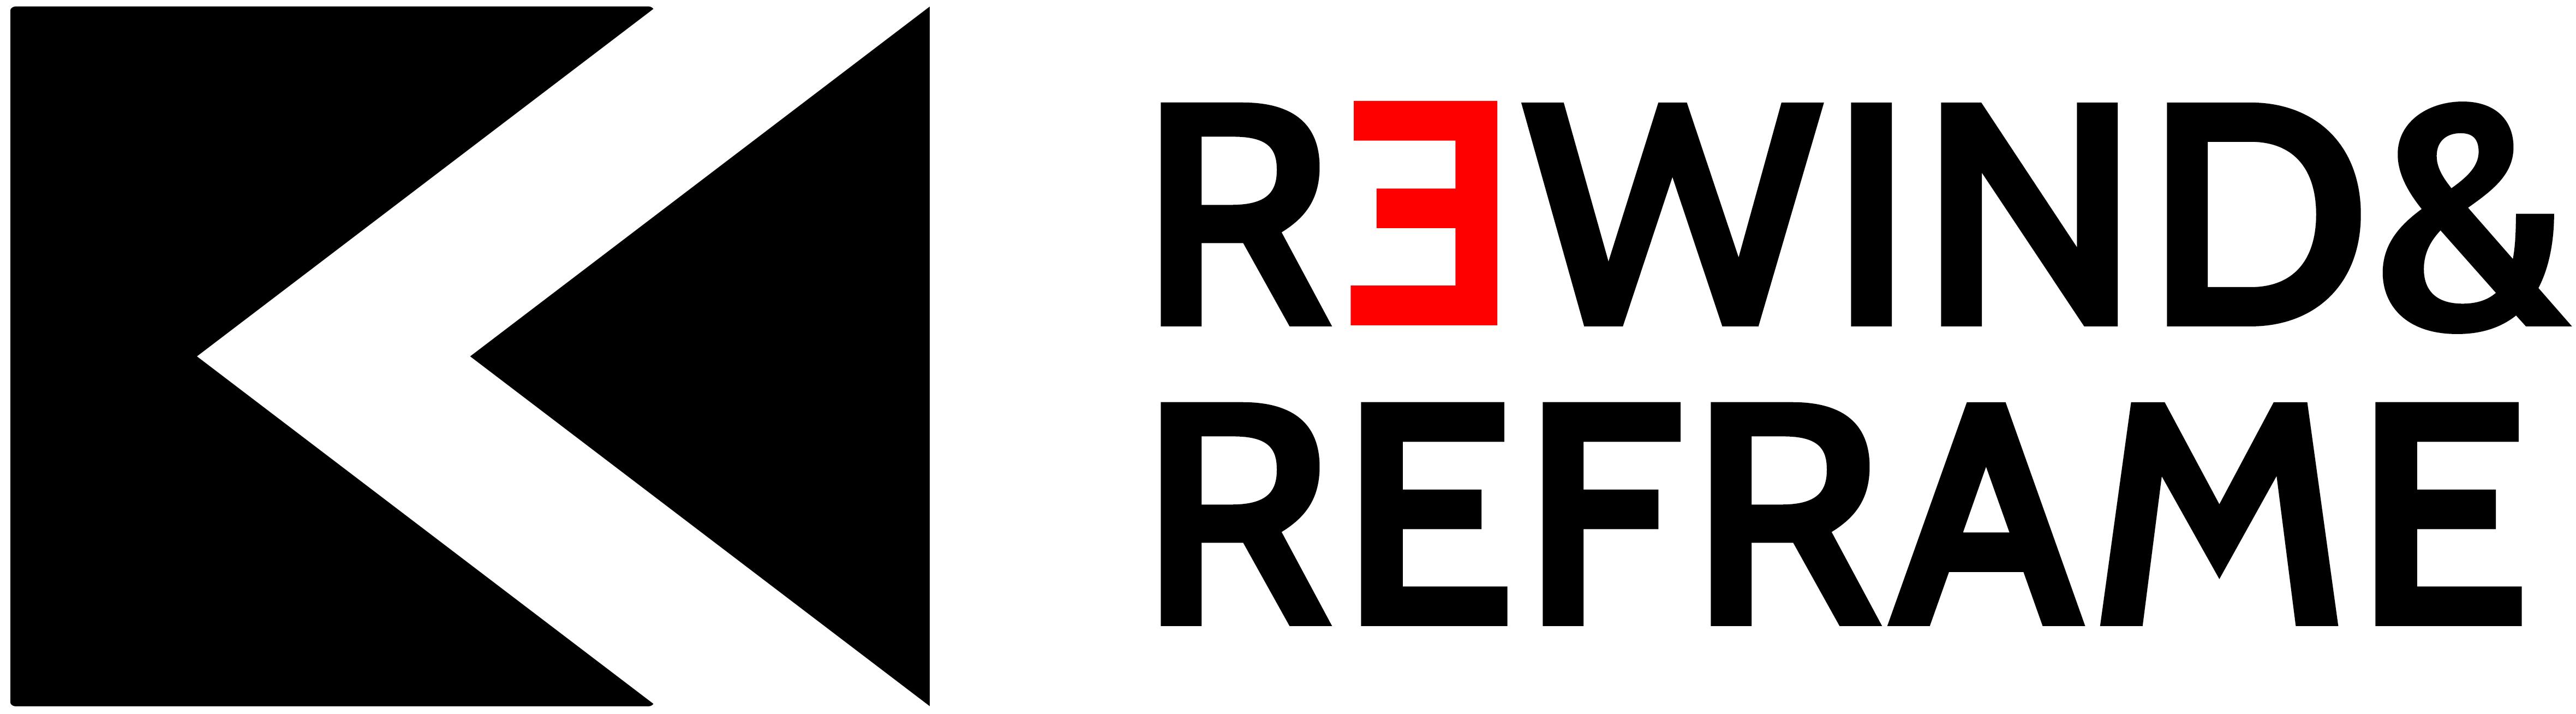 Rewind&Reframe